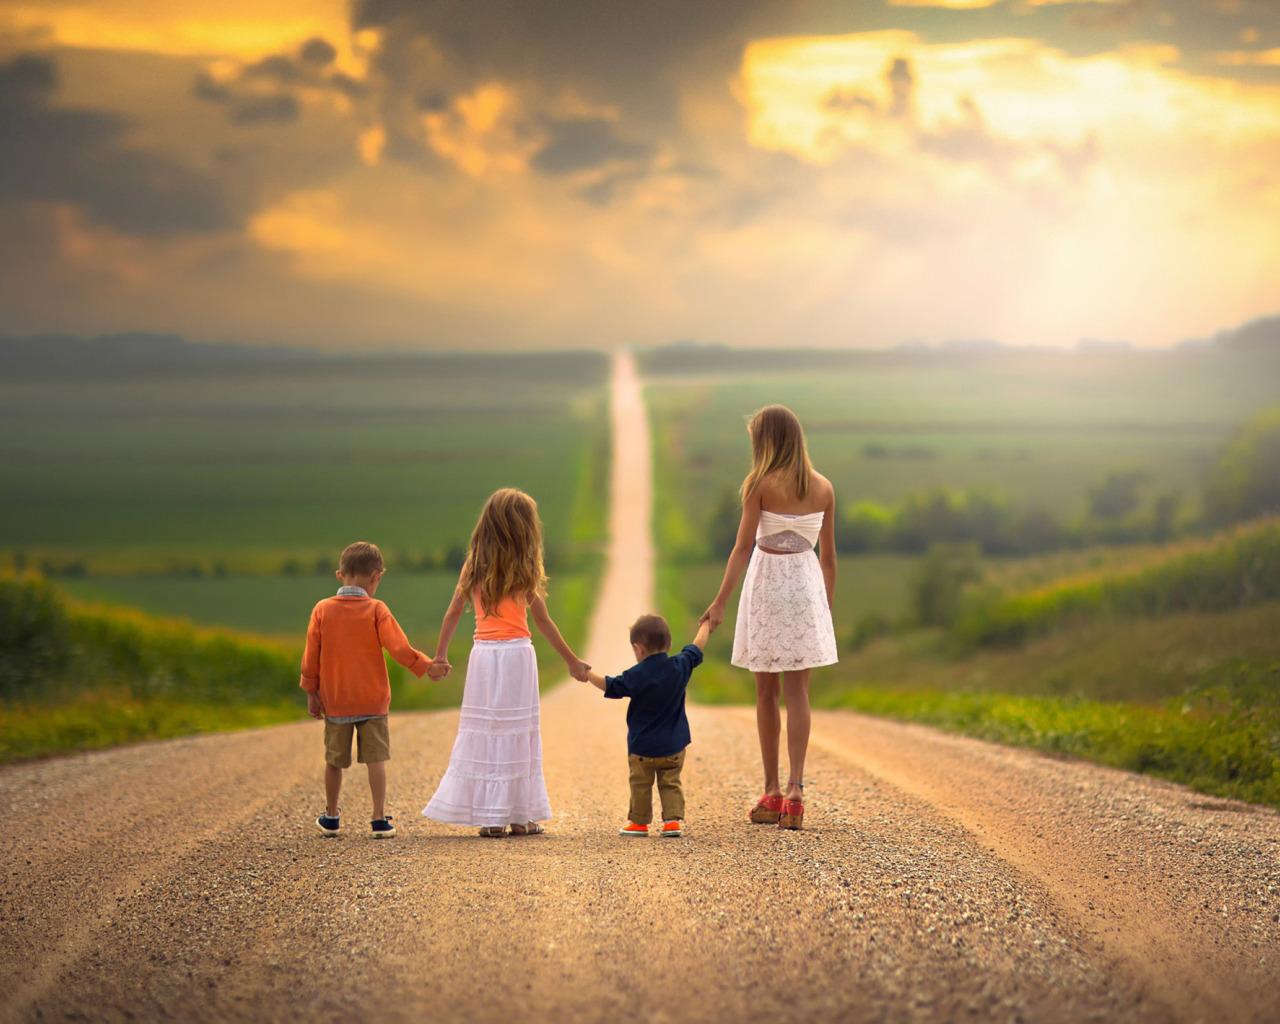 Красивые картинки про семью про счастье